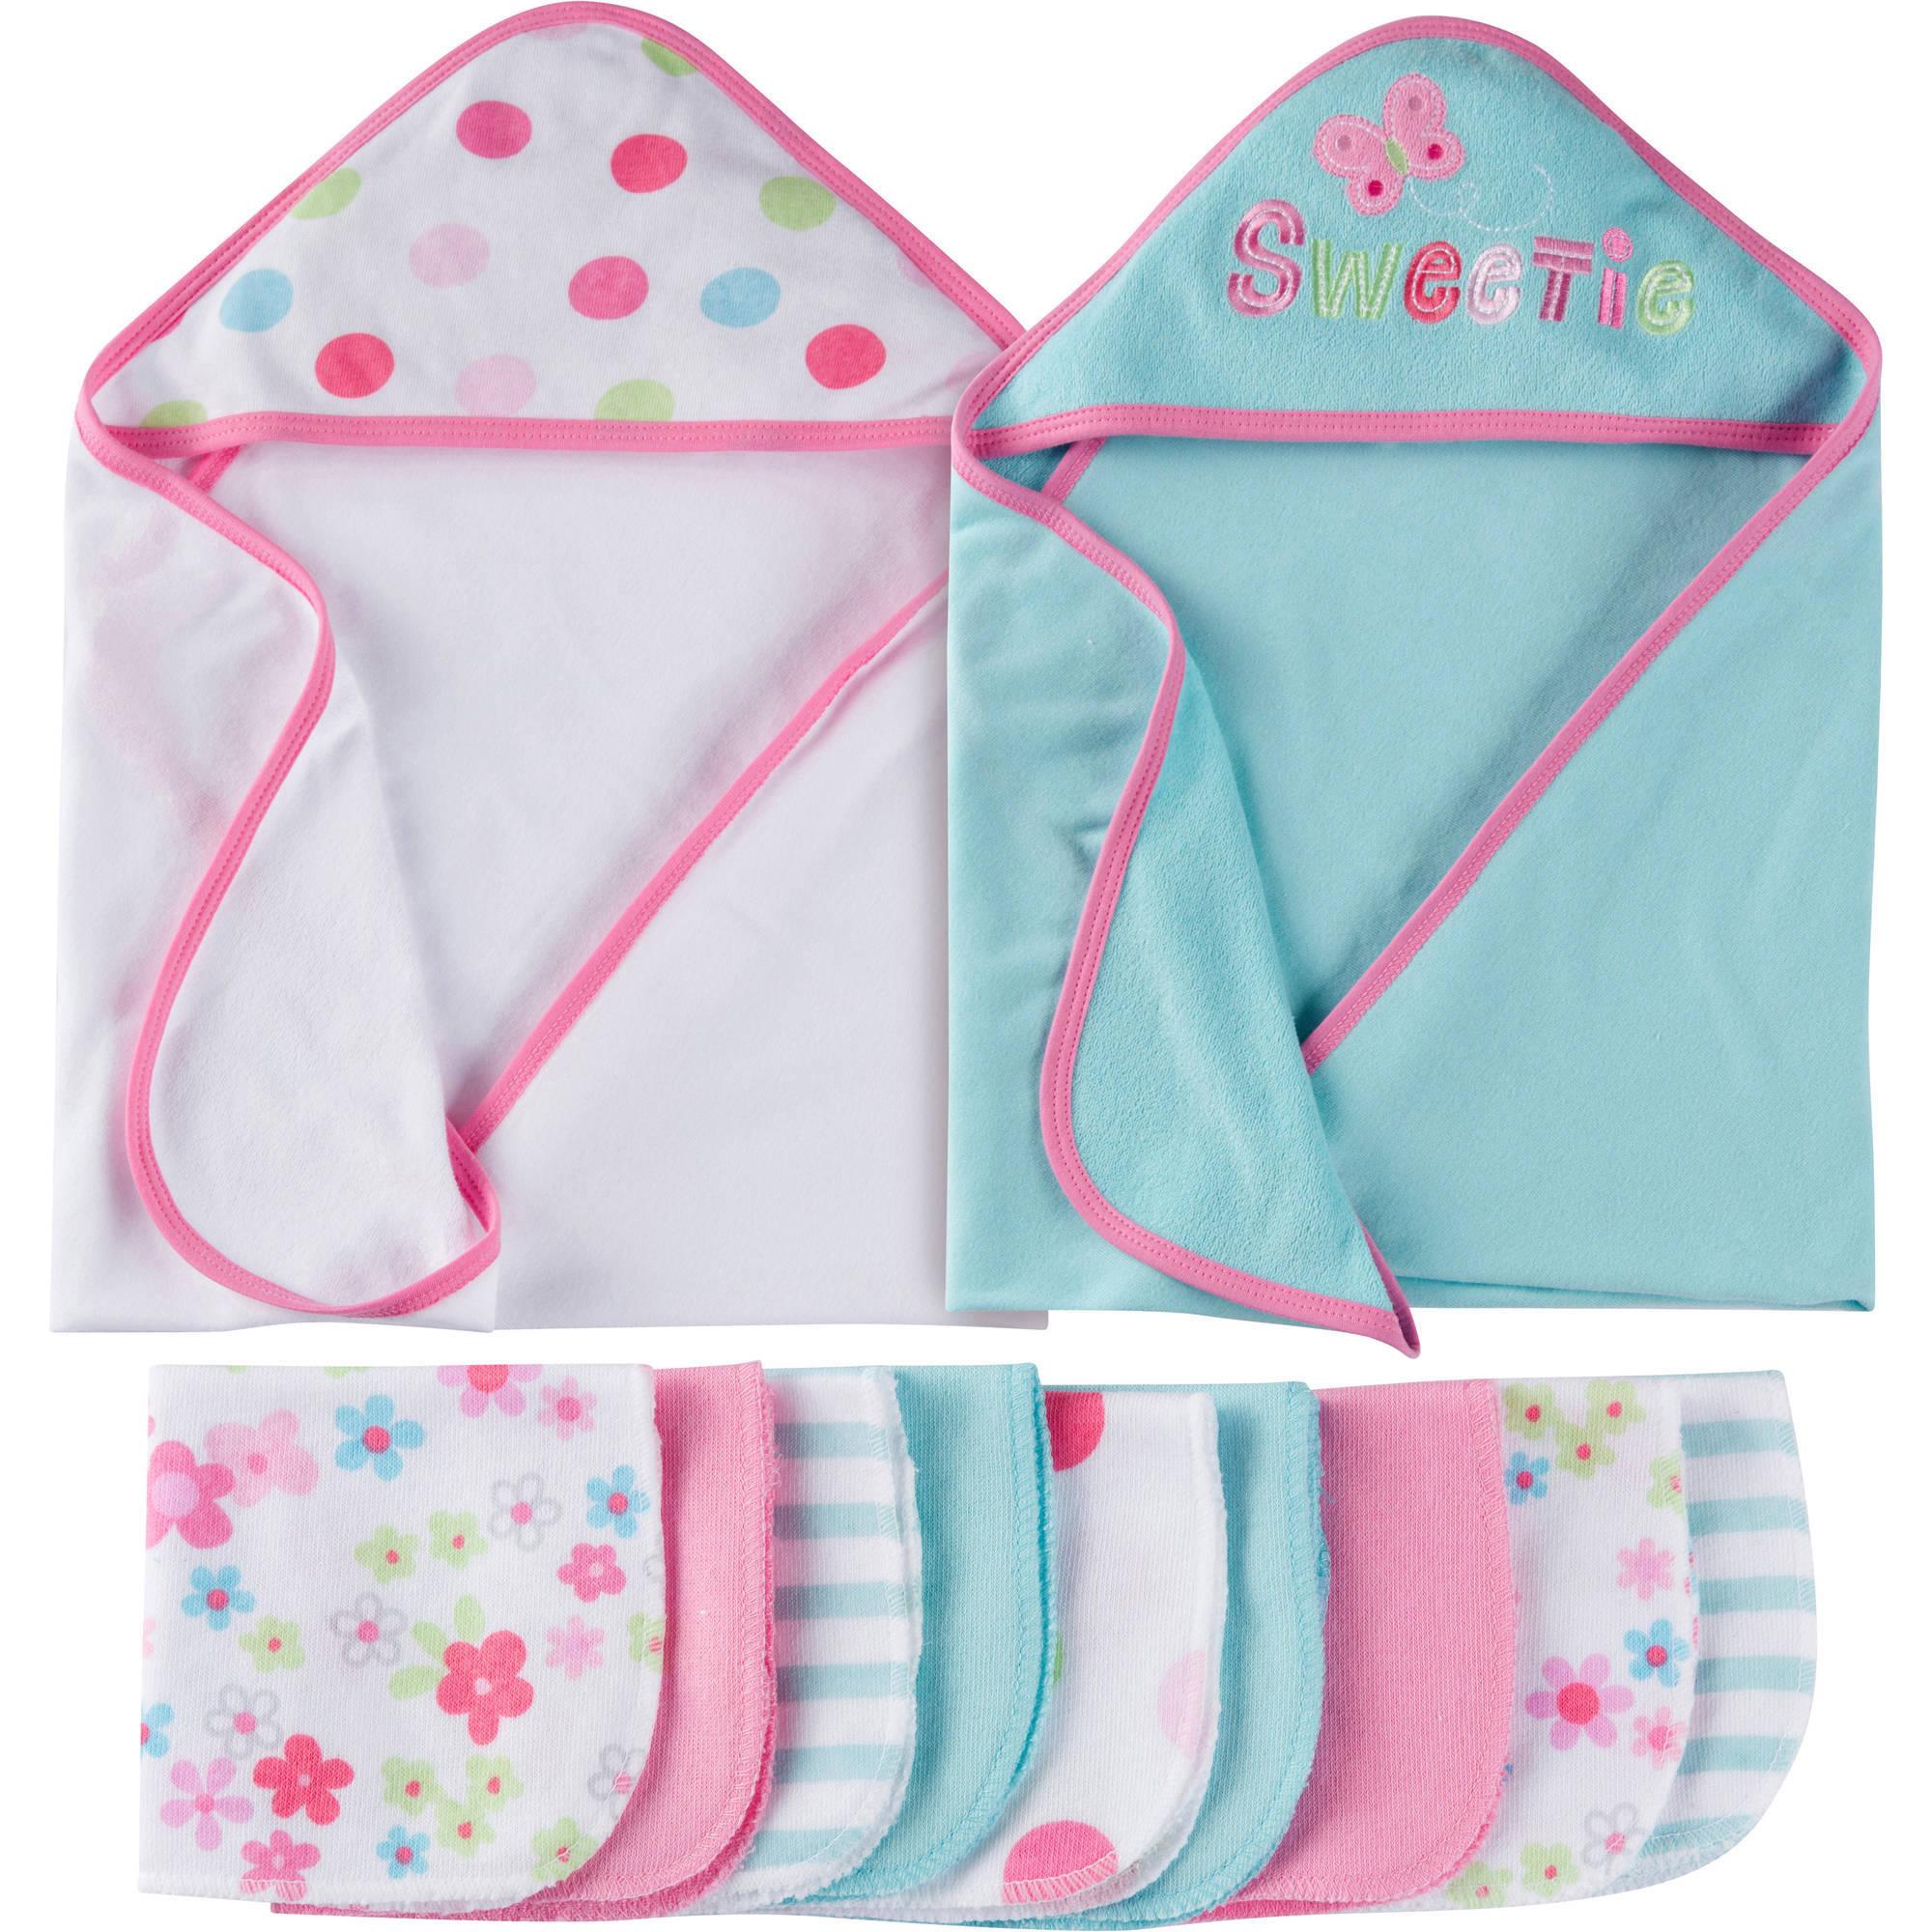 Gerber Newborn Baby Girl Towels and Washcloth Bath Set, 12-Piece by Gerber Childrenswear LLC